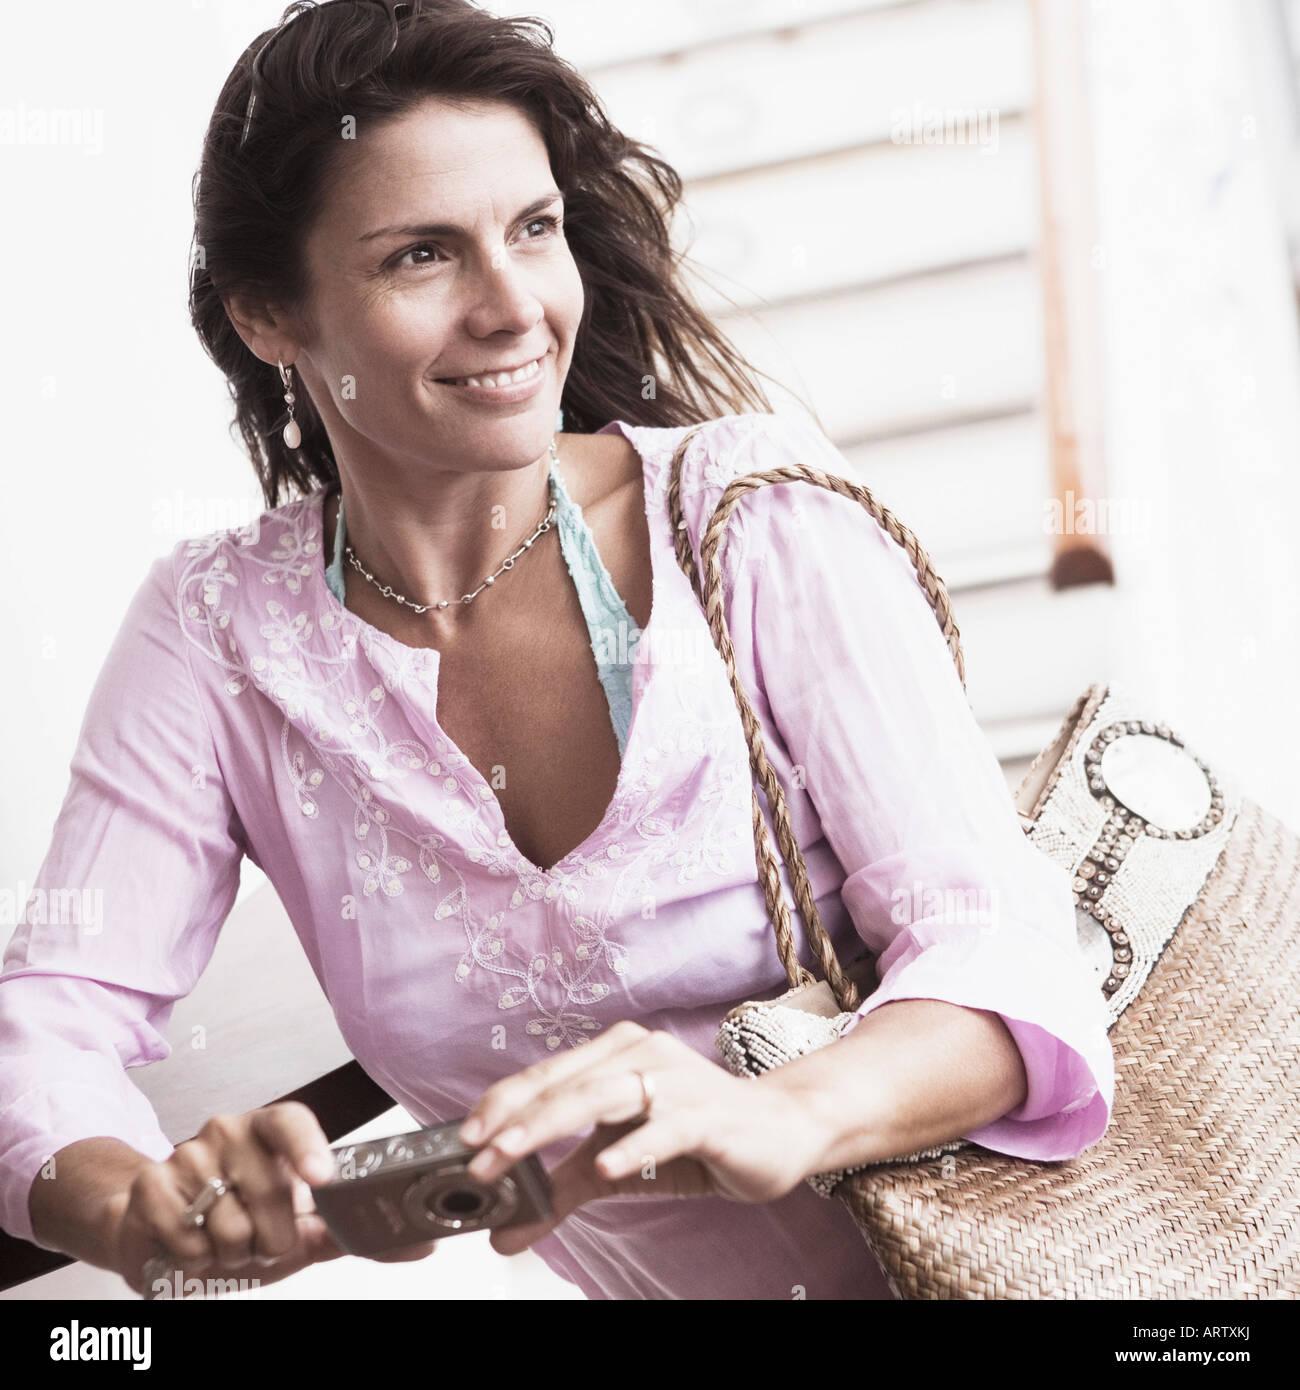 Nahaufnahme einer Mitte erwachsenen Frau hält eine digitale Kamera und lächelnd Stockfoto